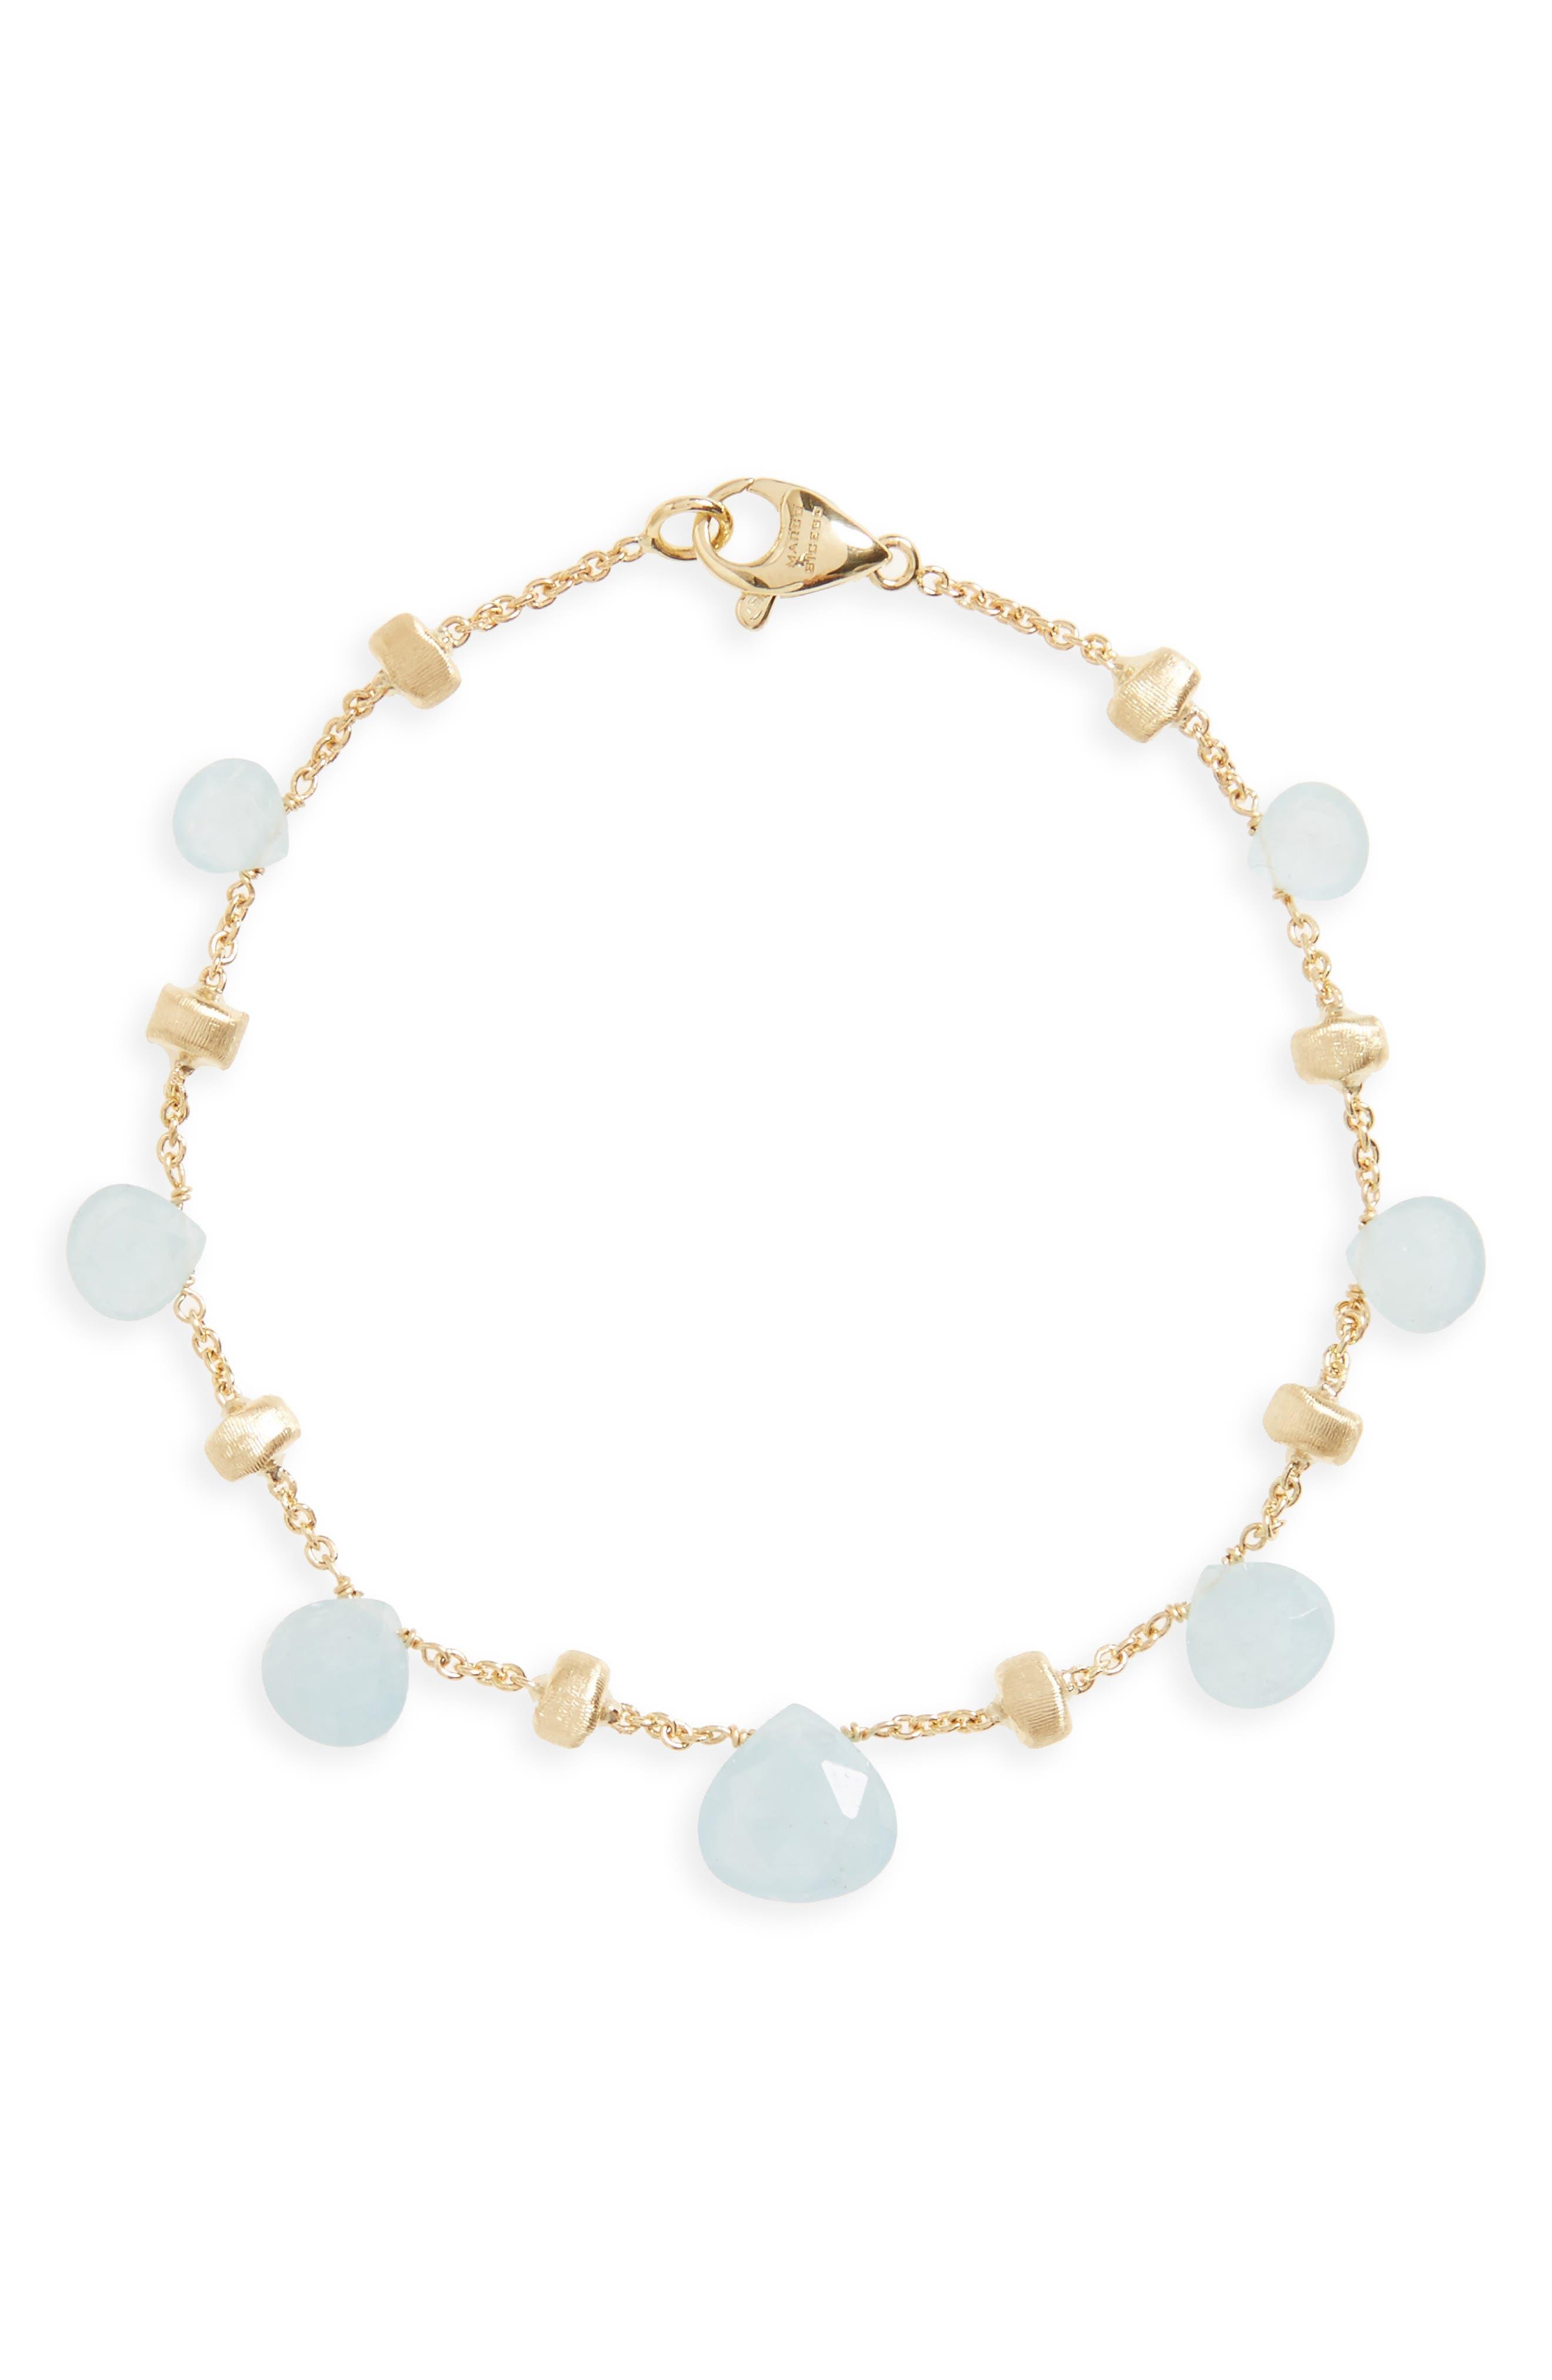 Alternate Image 1 Selected - Marco Bicego Paradise Single Strand Bracelet